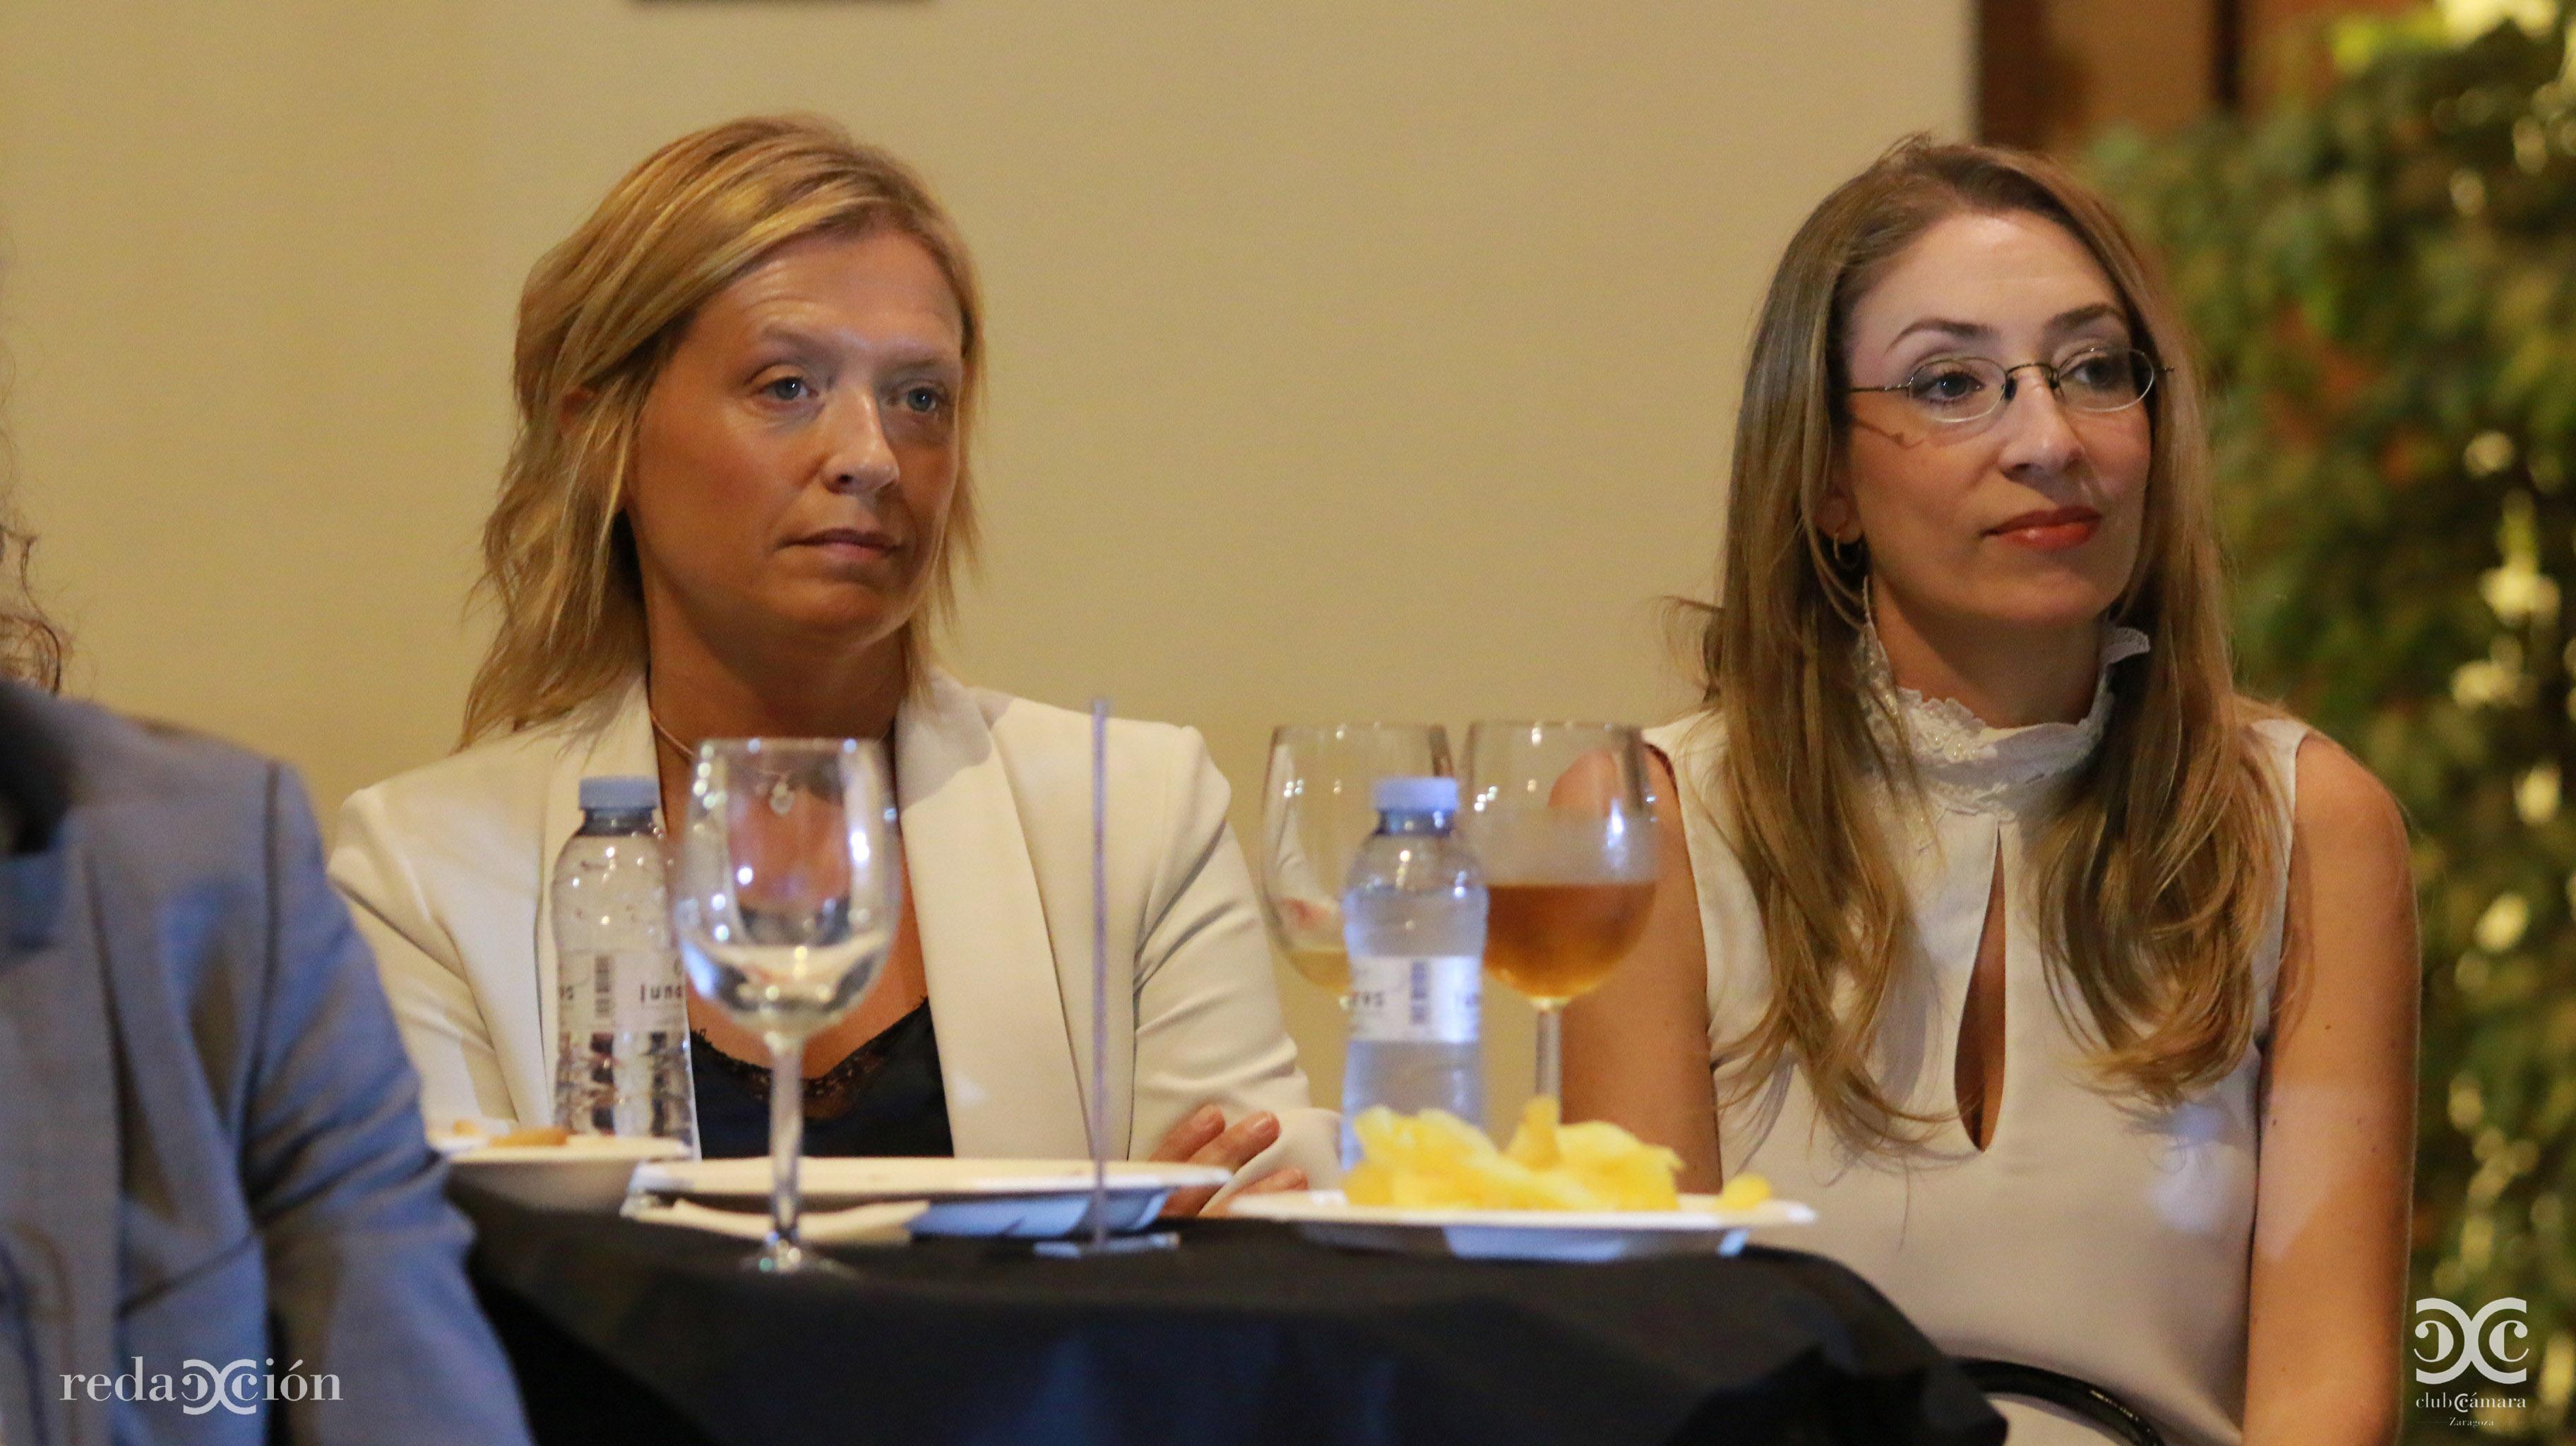 Belén Simavilla, Pilar Bayona, Zaraevent